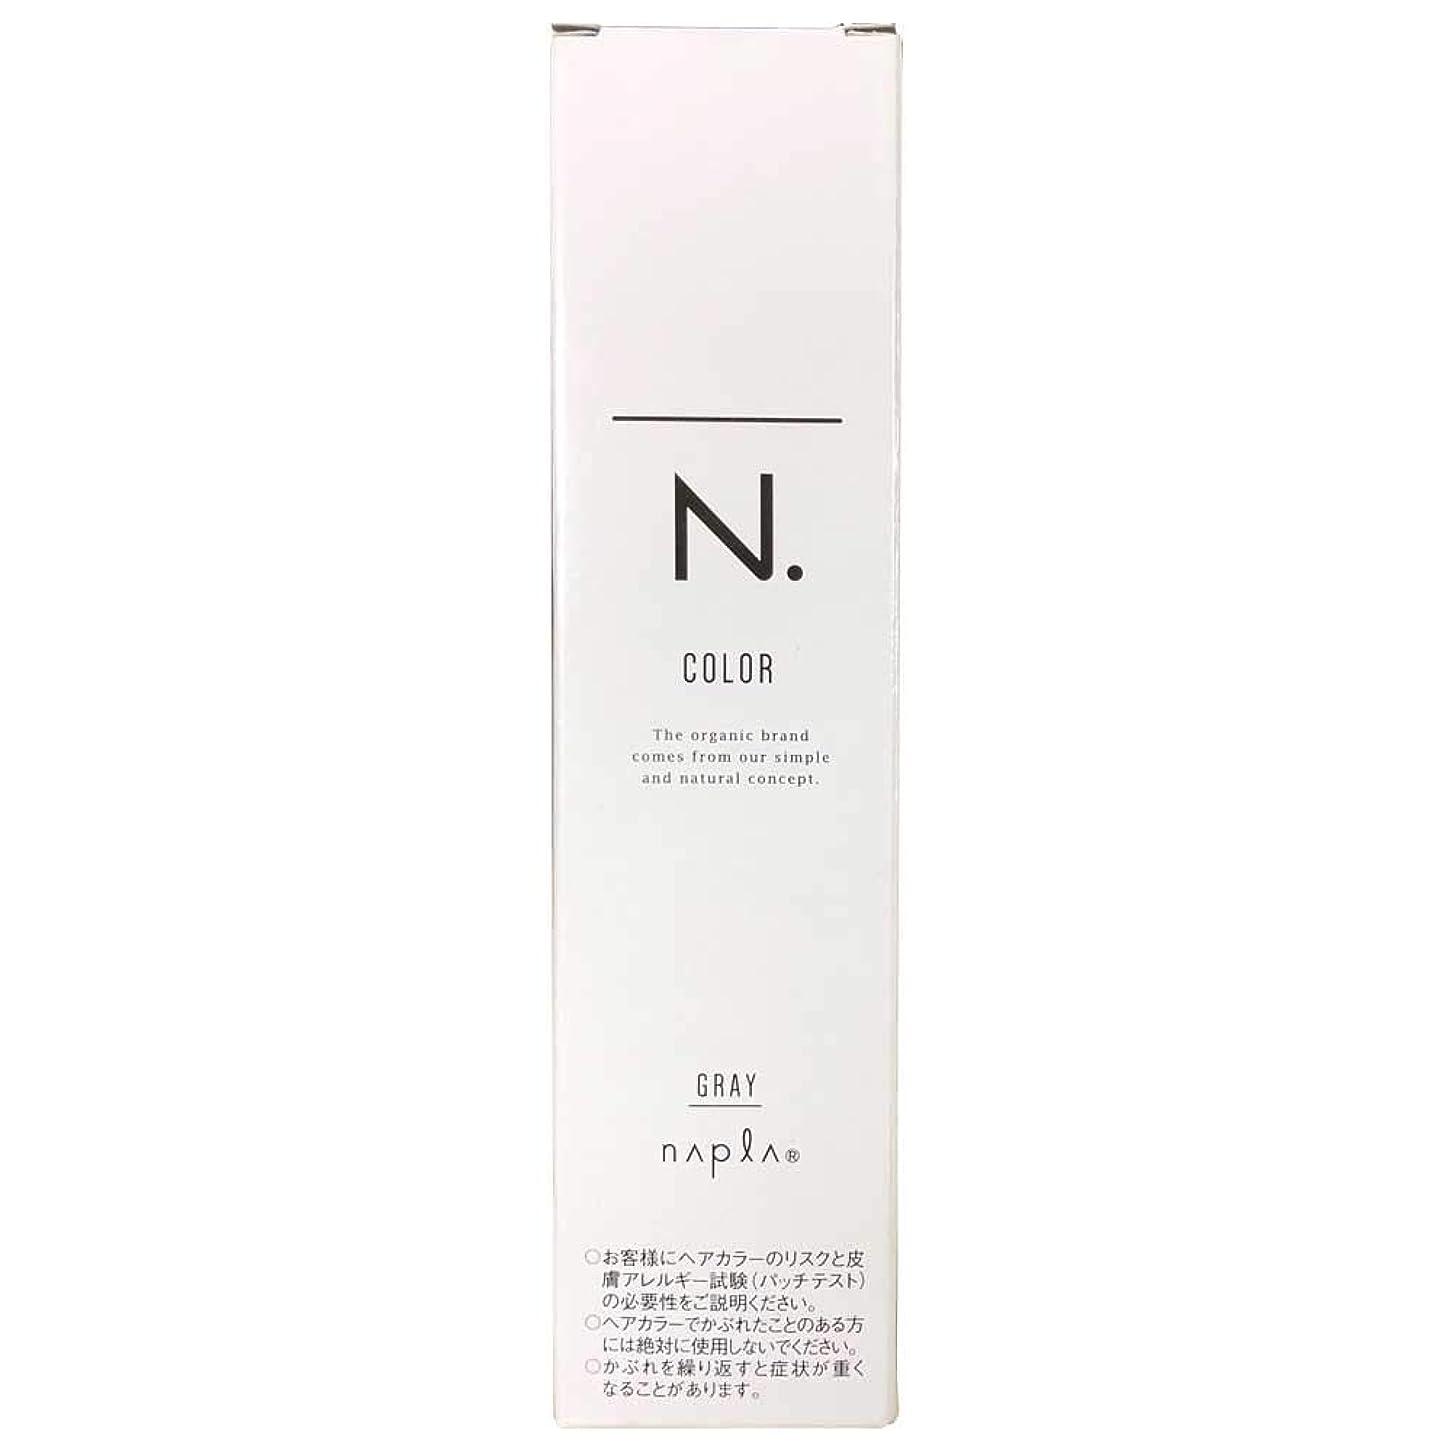 お香発見成分ナプラ エヌドットカラー グレイファッション 第1剤 80g (G-6GrB)